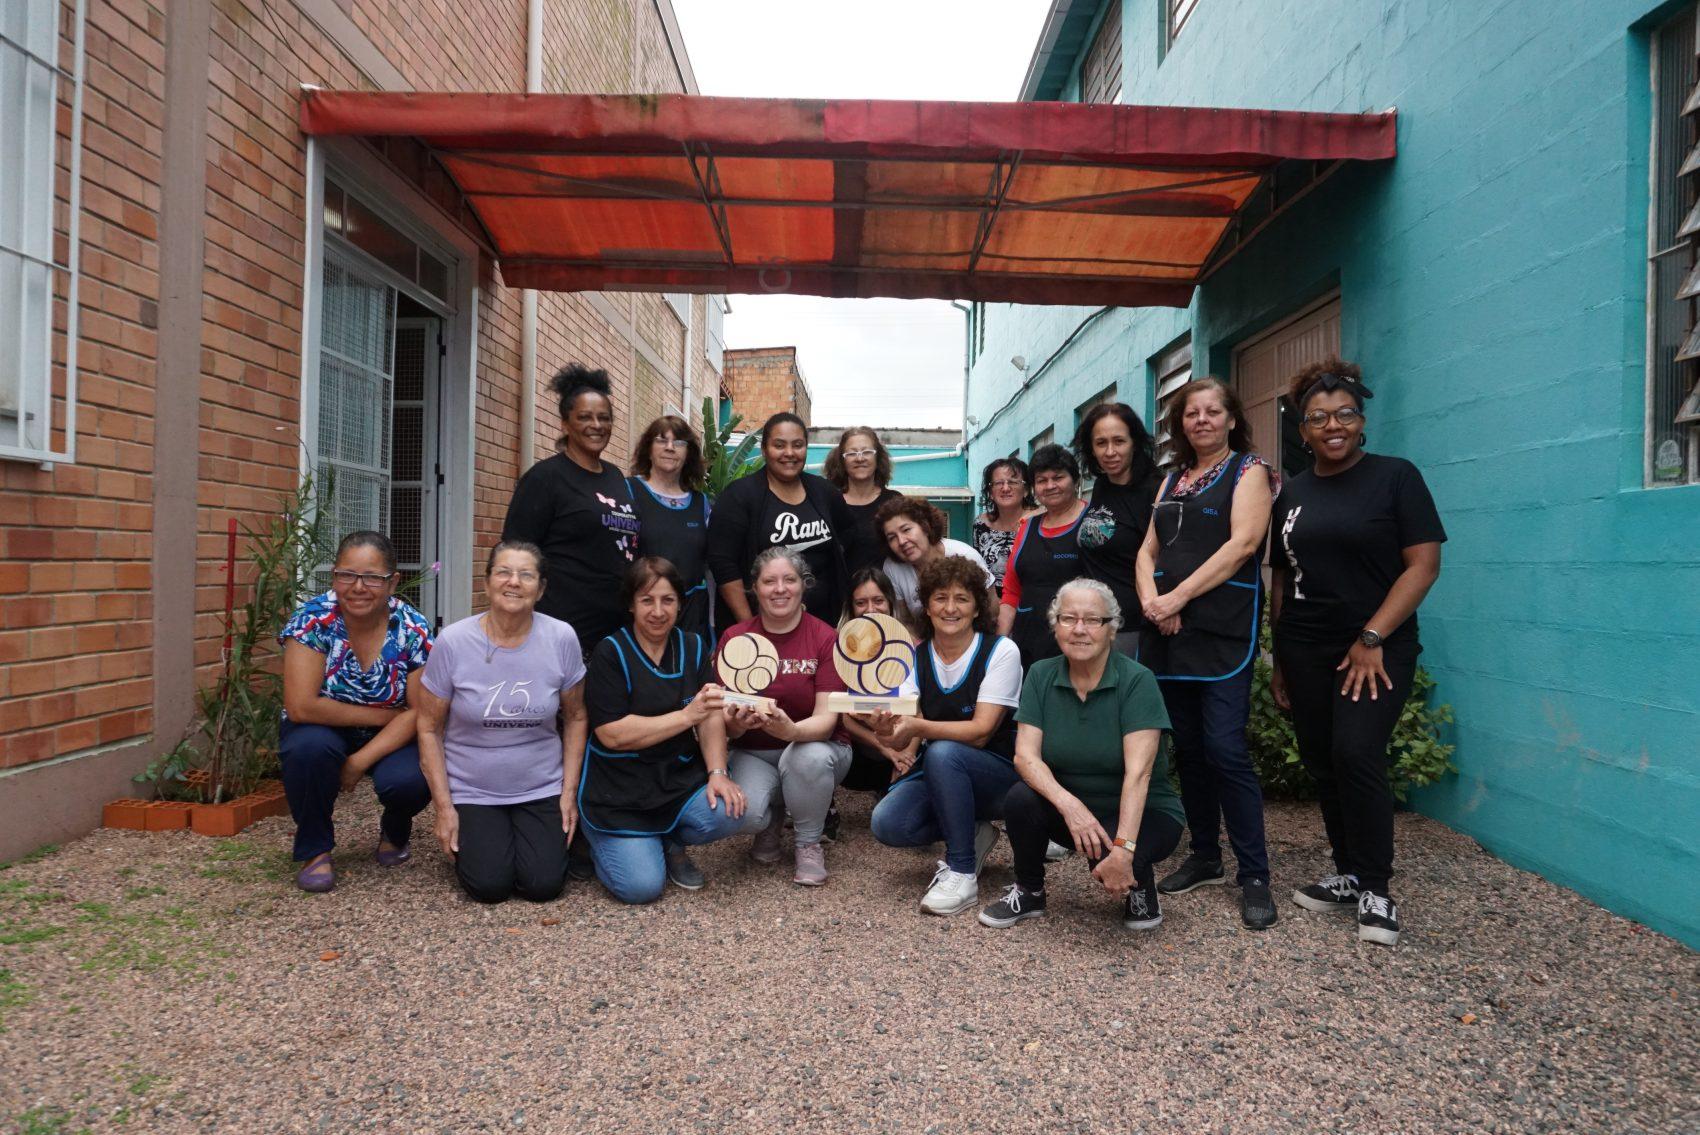 A Justa Trama recebeu, em outubro, o Prêmio Fundação Banco do Brasil de Tecnologia Social, em duas categorias. Levou o 1º lugar em Geração de Renda e o 3º na Gestão Comunitária e Algodão Agroecológico.